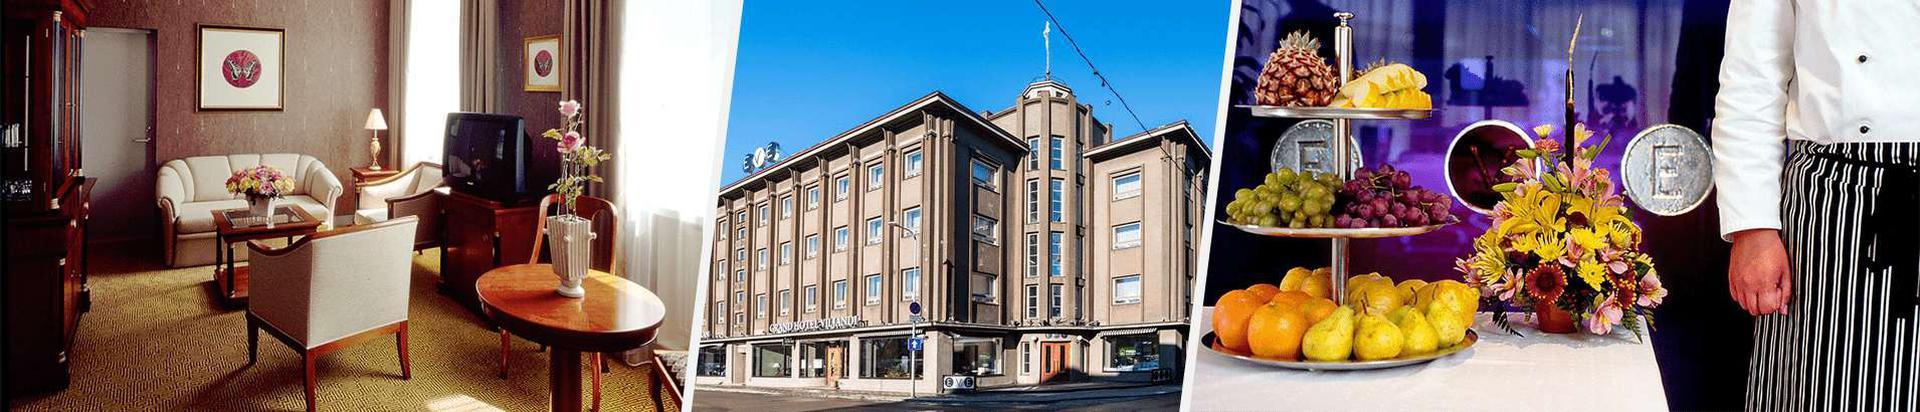 10741690_grand-hotel-viljandi-ou_63156866_xl.jpg